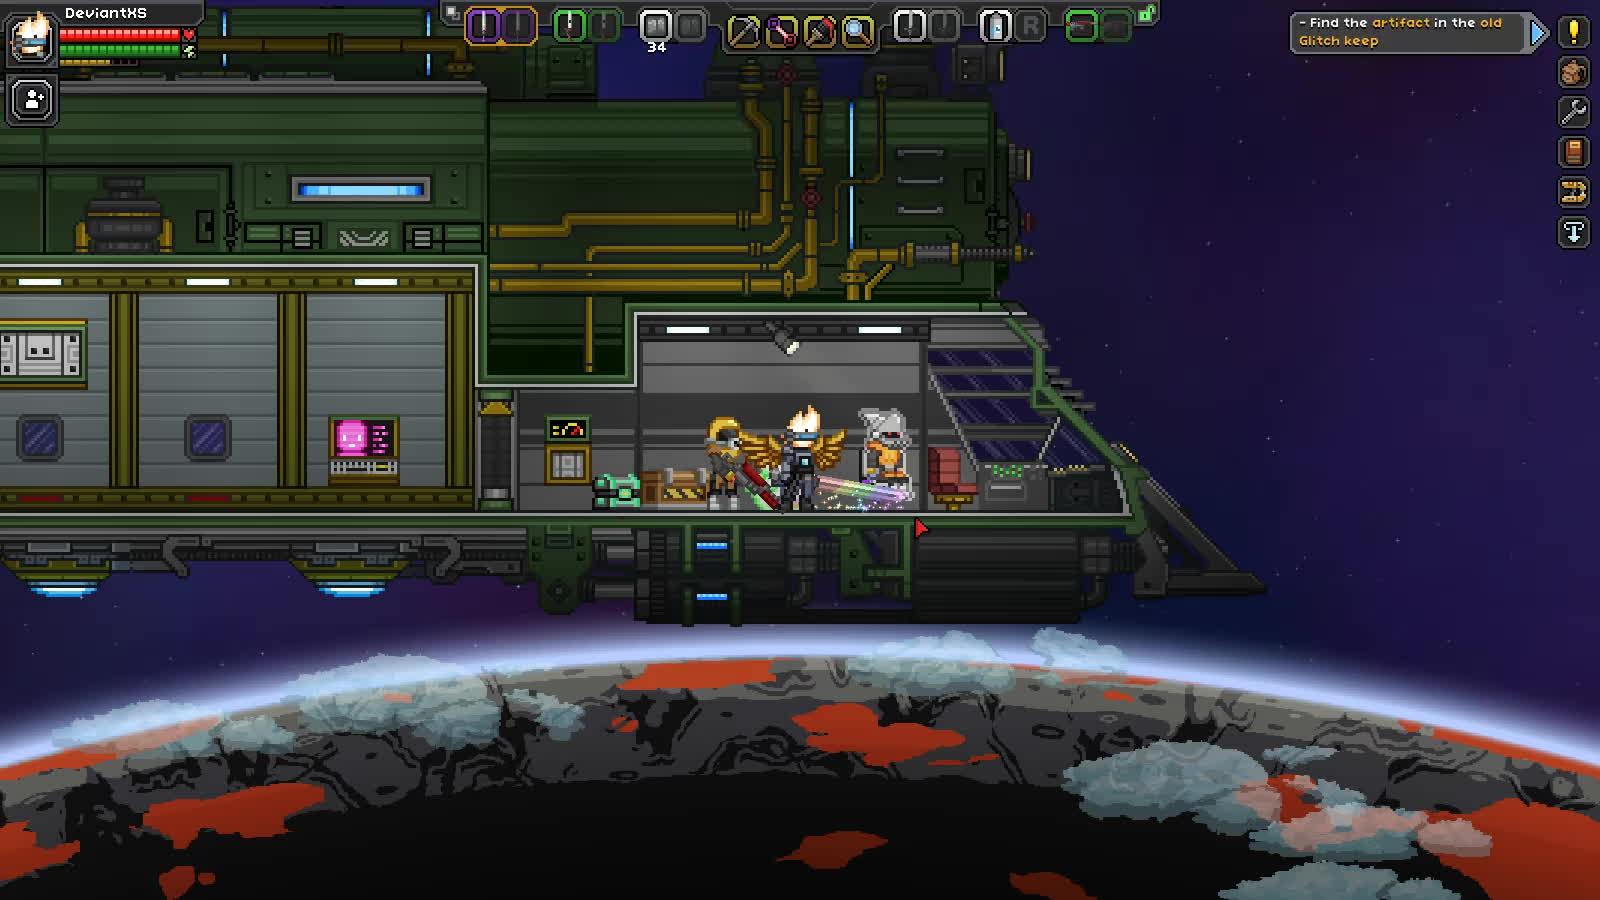 Game, Starbound, My Starbound Ship Decoration GIFs